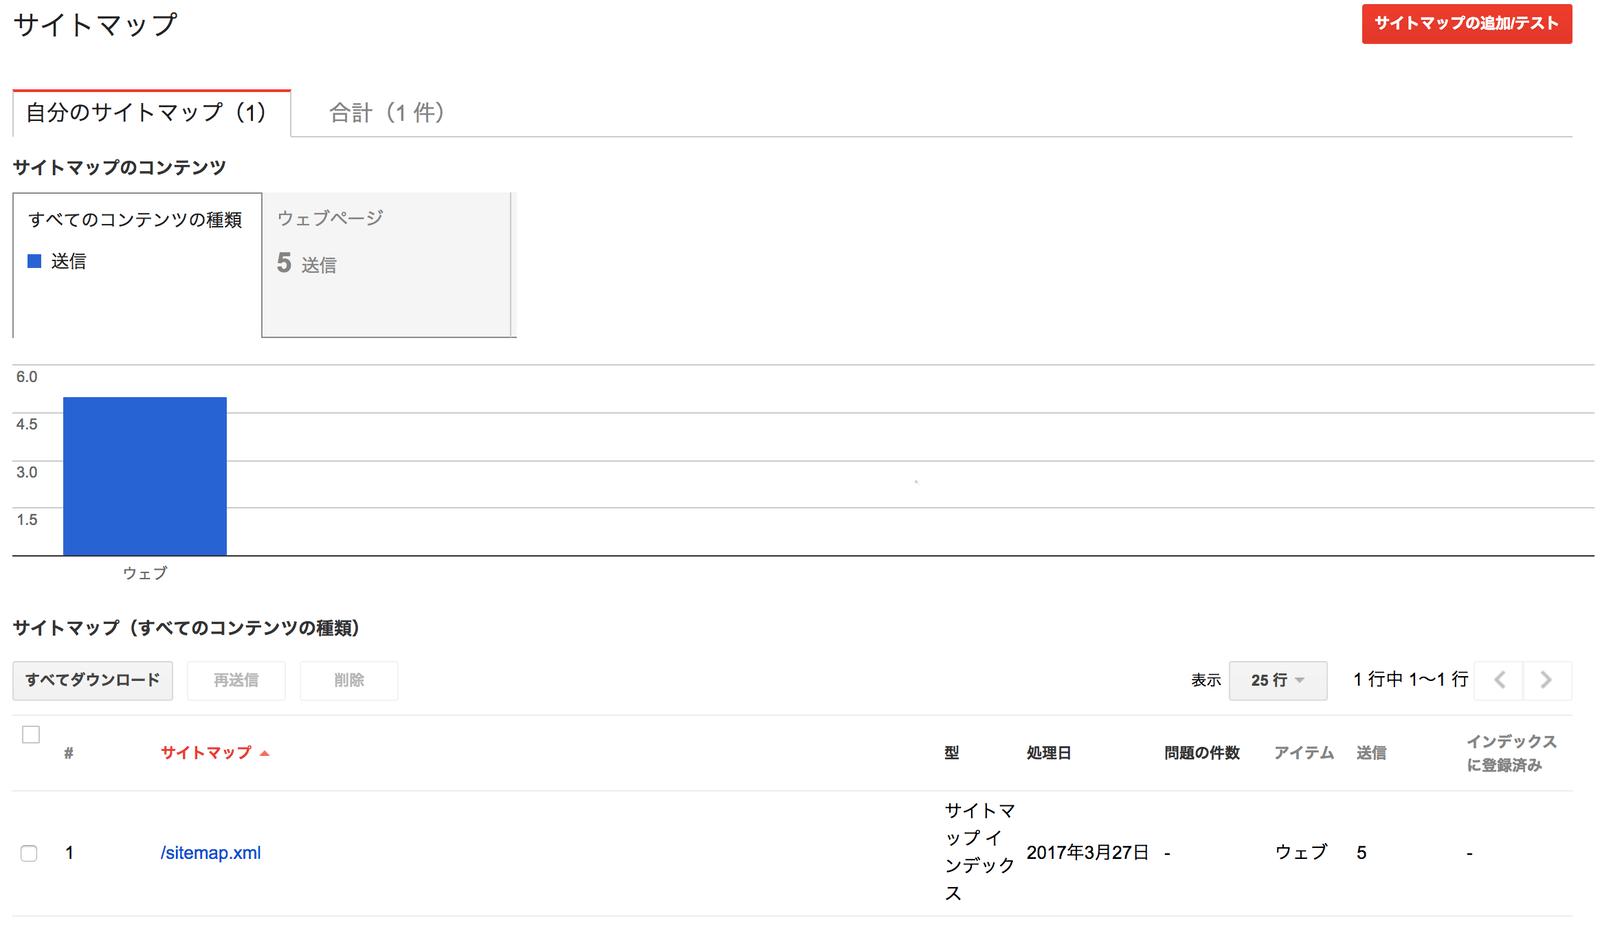 サイトマップを登録してから少しすると、ページが認識され始めます